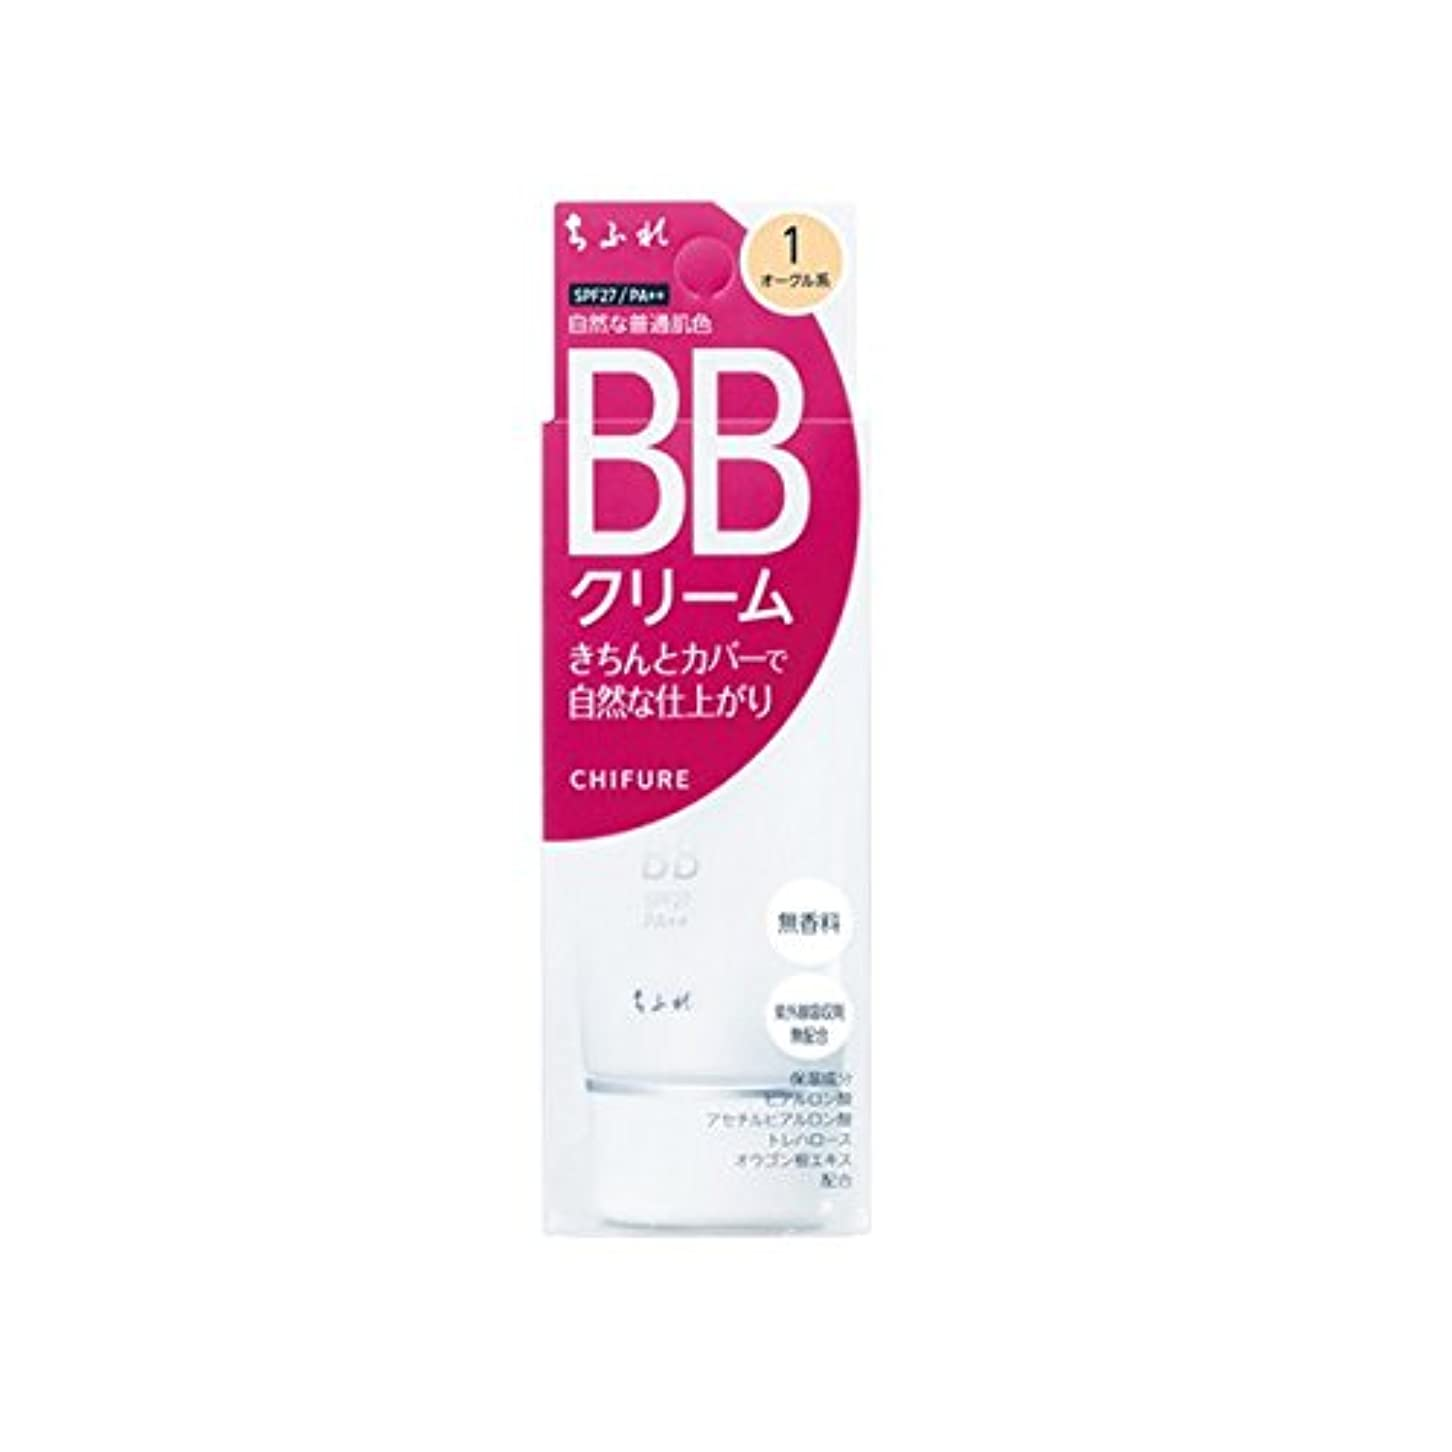 誤って歴史的半導体ちふれ化粧品 BB クリーム 1 自然な普通肌色 BBクリーム 1